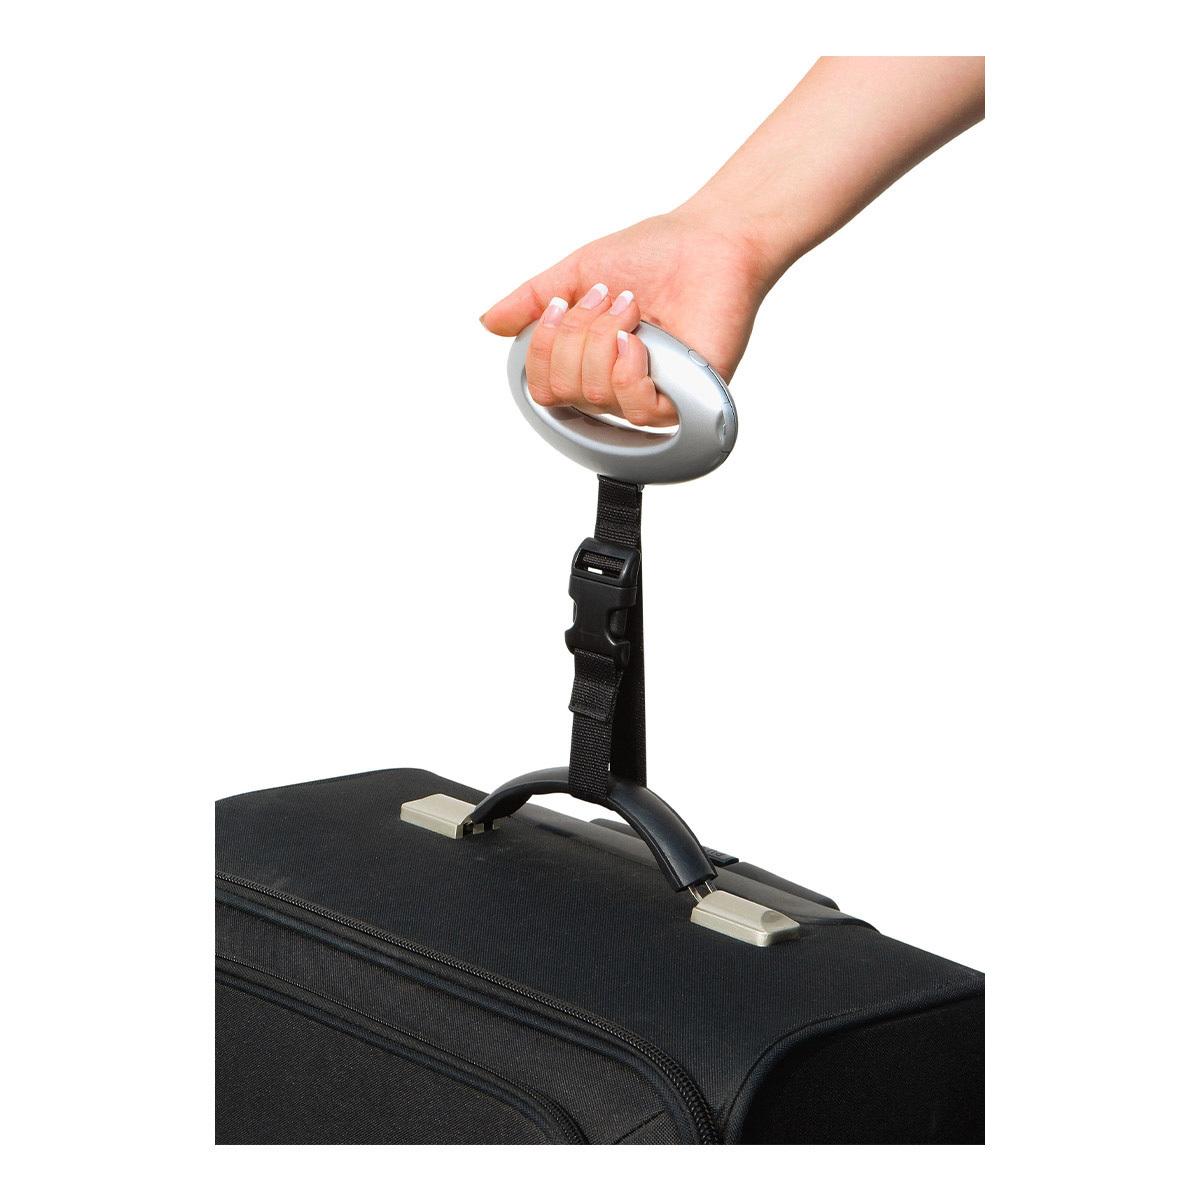 98-1102-digitale-kofferwaage-anwendung-1200x1200px.jpg